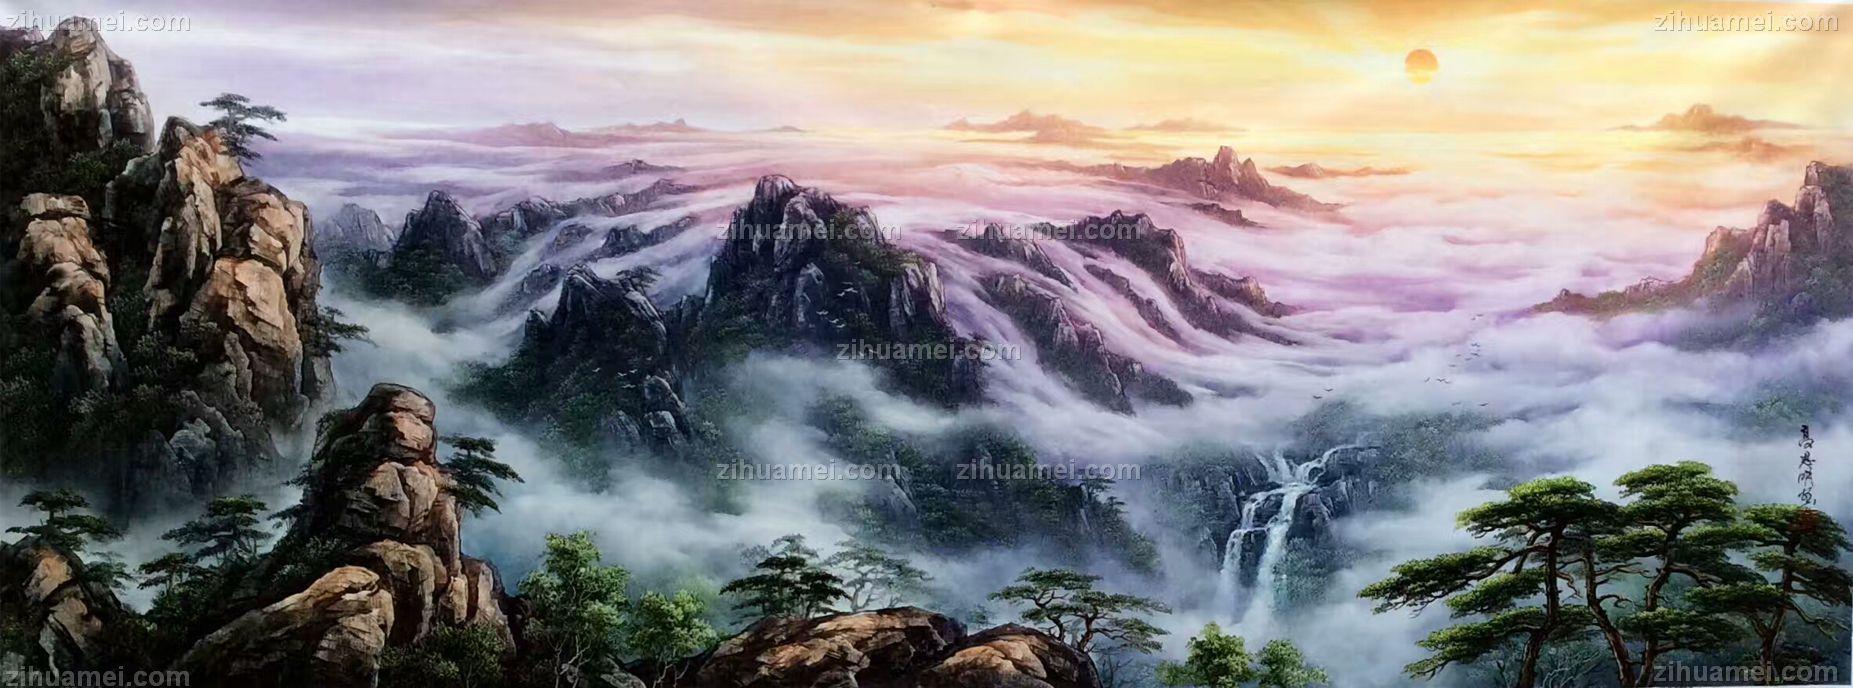 山水油画 中式油画